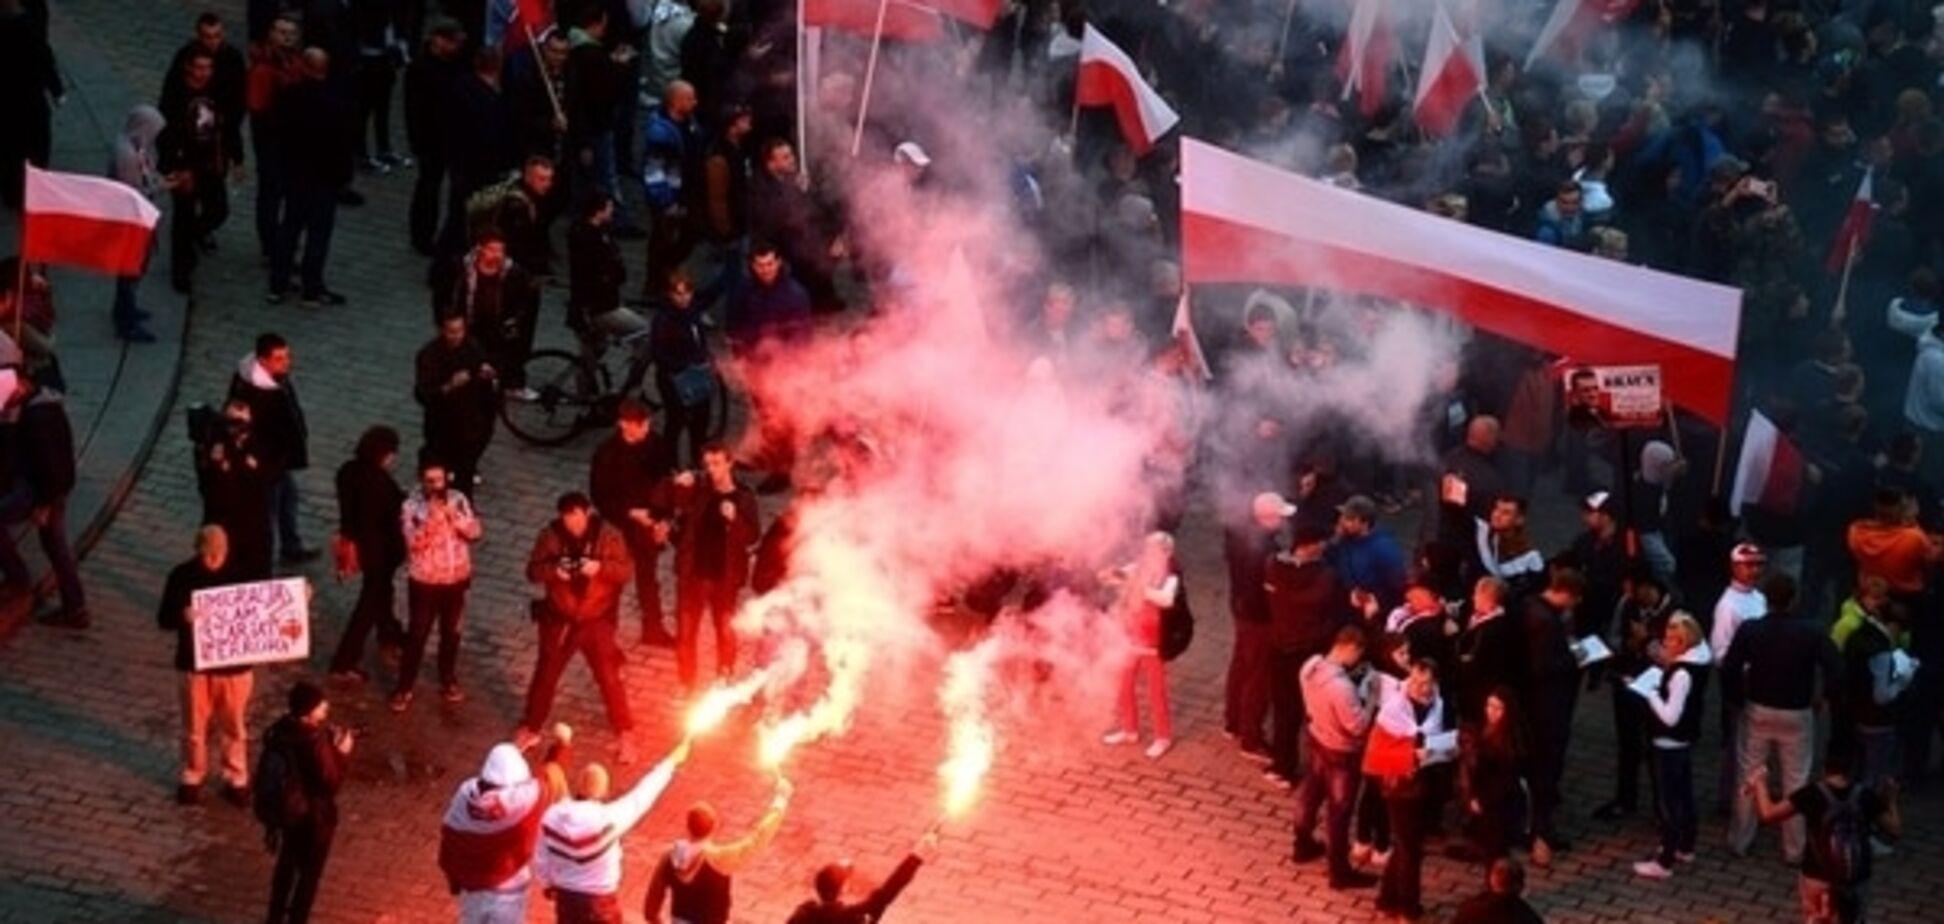 Европа взорвалась акциями 'за' и 'против' мигрантов: фоторепортаж